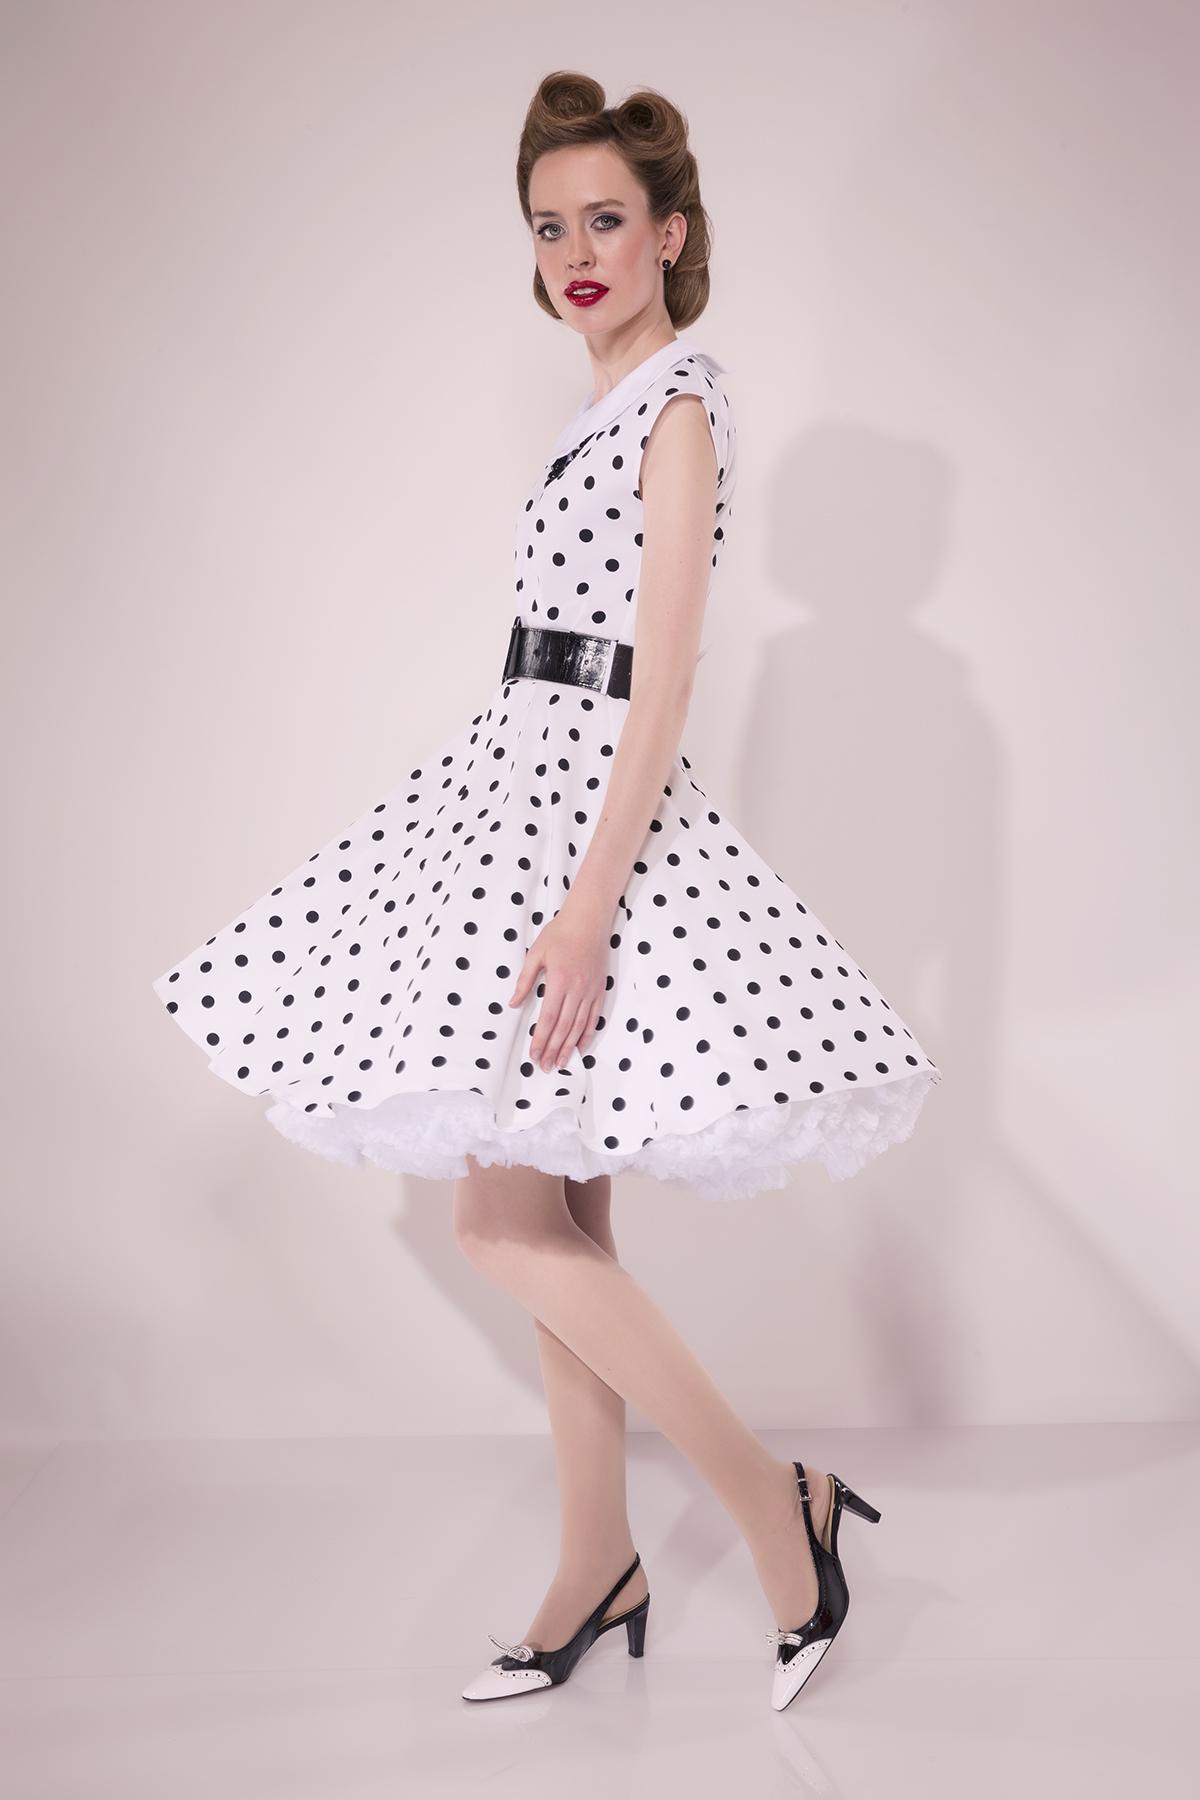 Damenmode 1950 präsentiert vom Model und Autorin Laura Kipfer